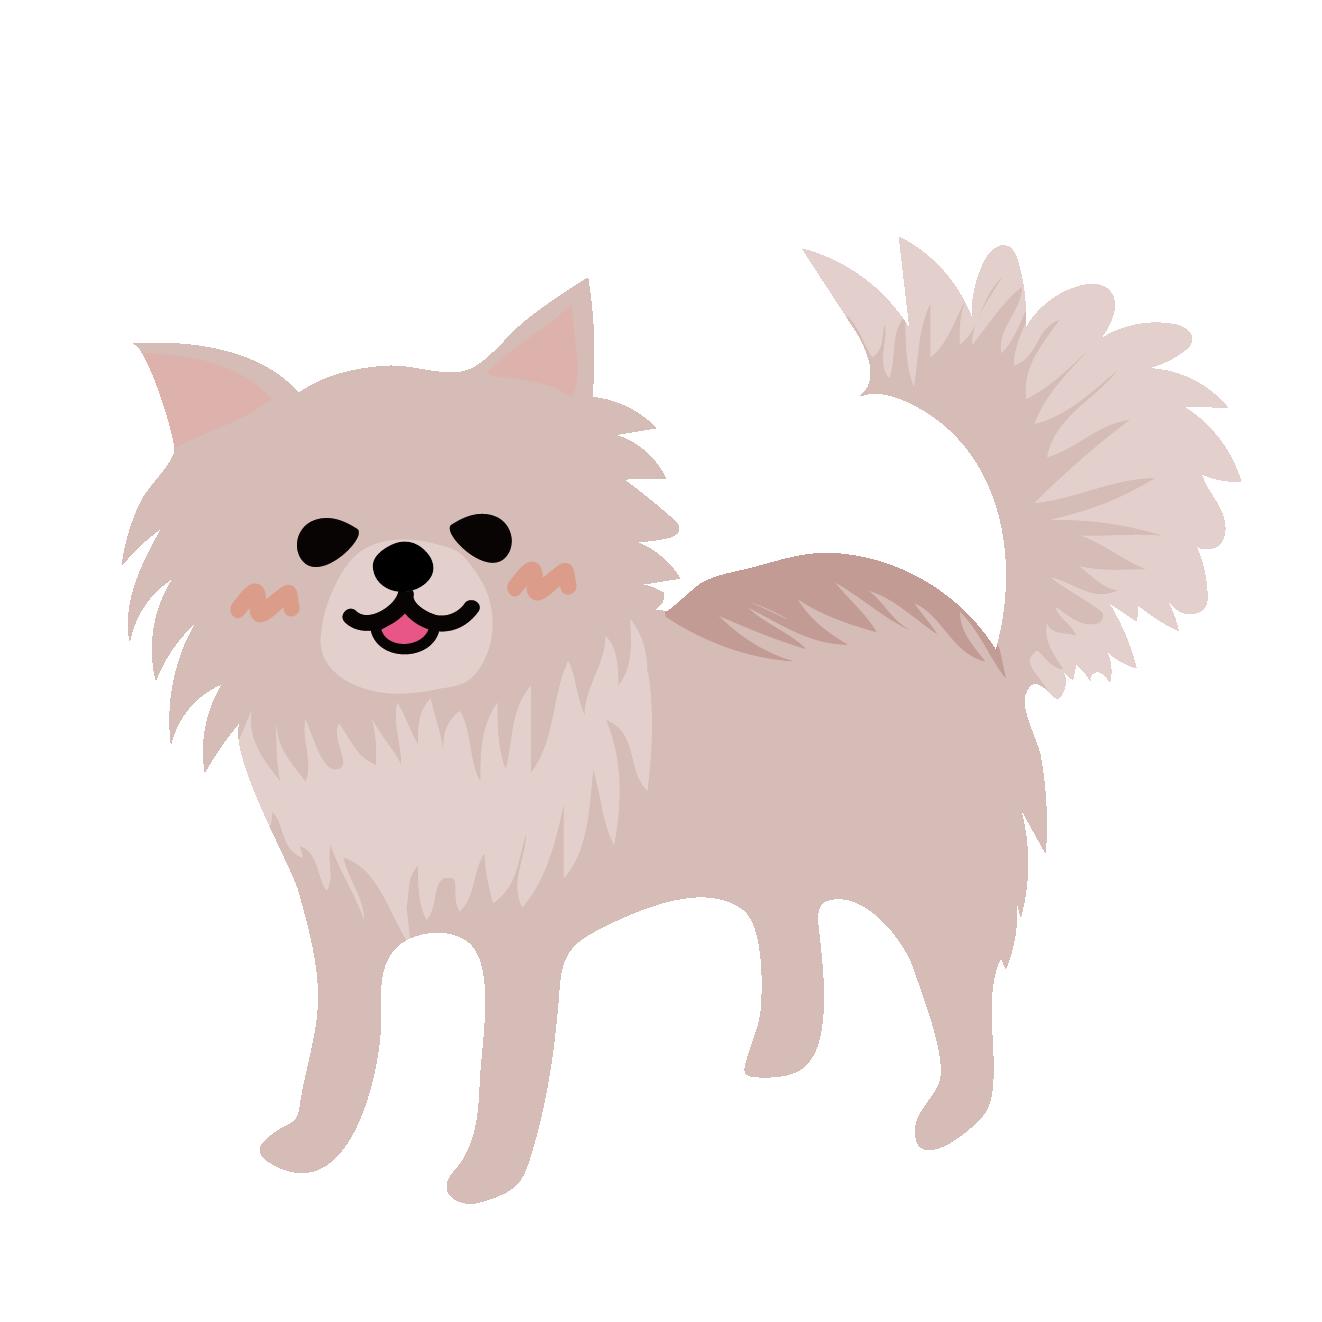 可愛いチワワ犬のイラスト 商用フリー無料のイラスト素材なら